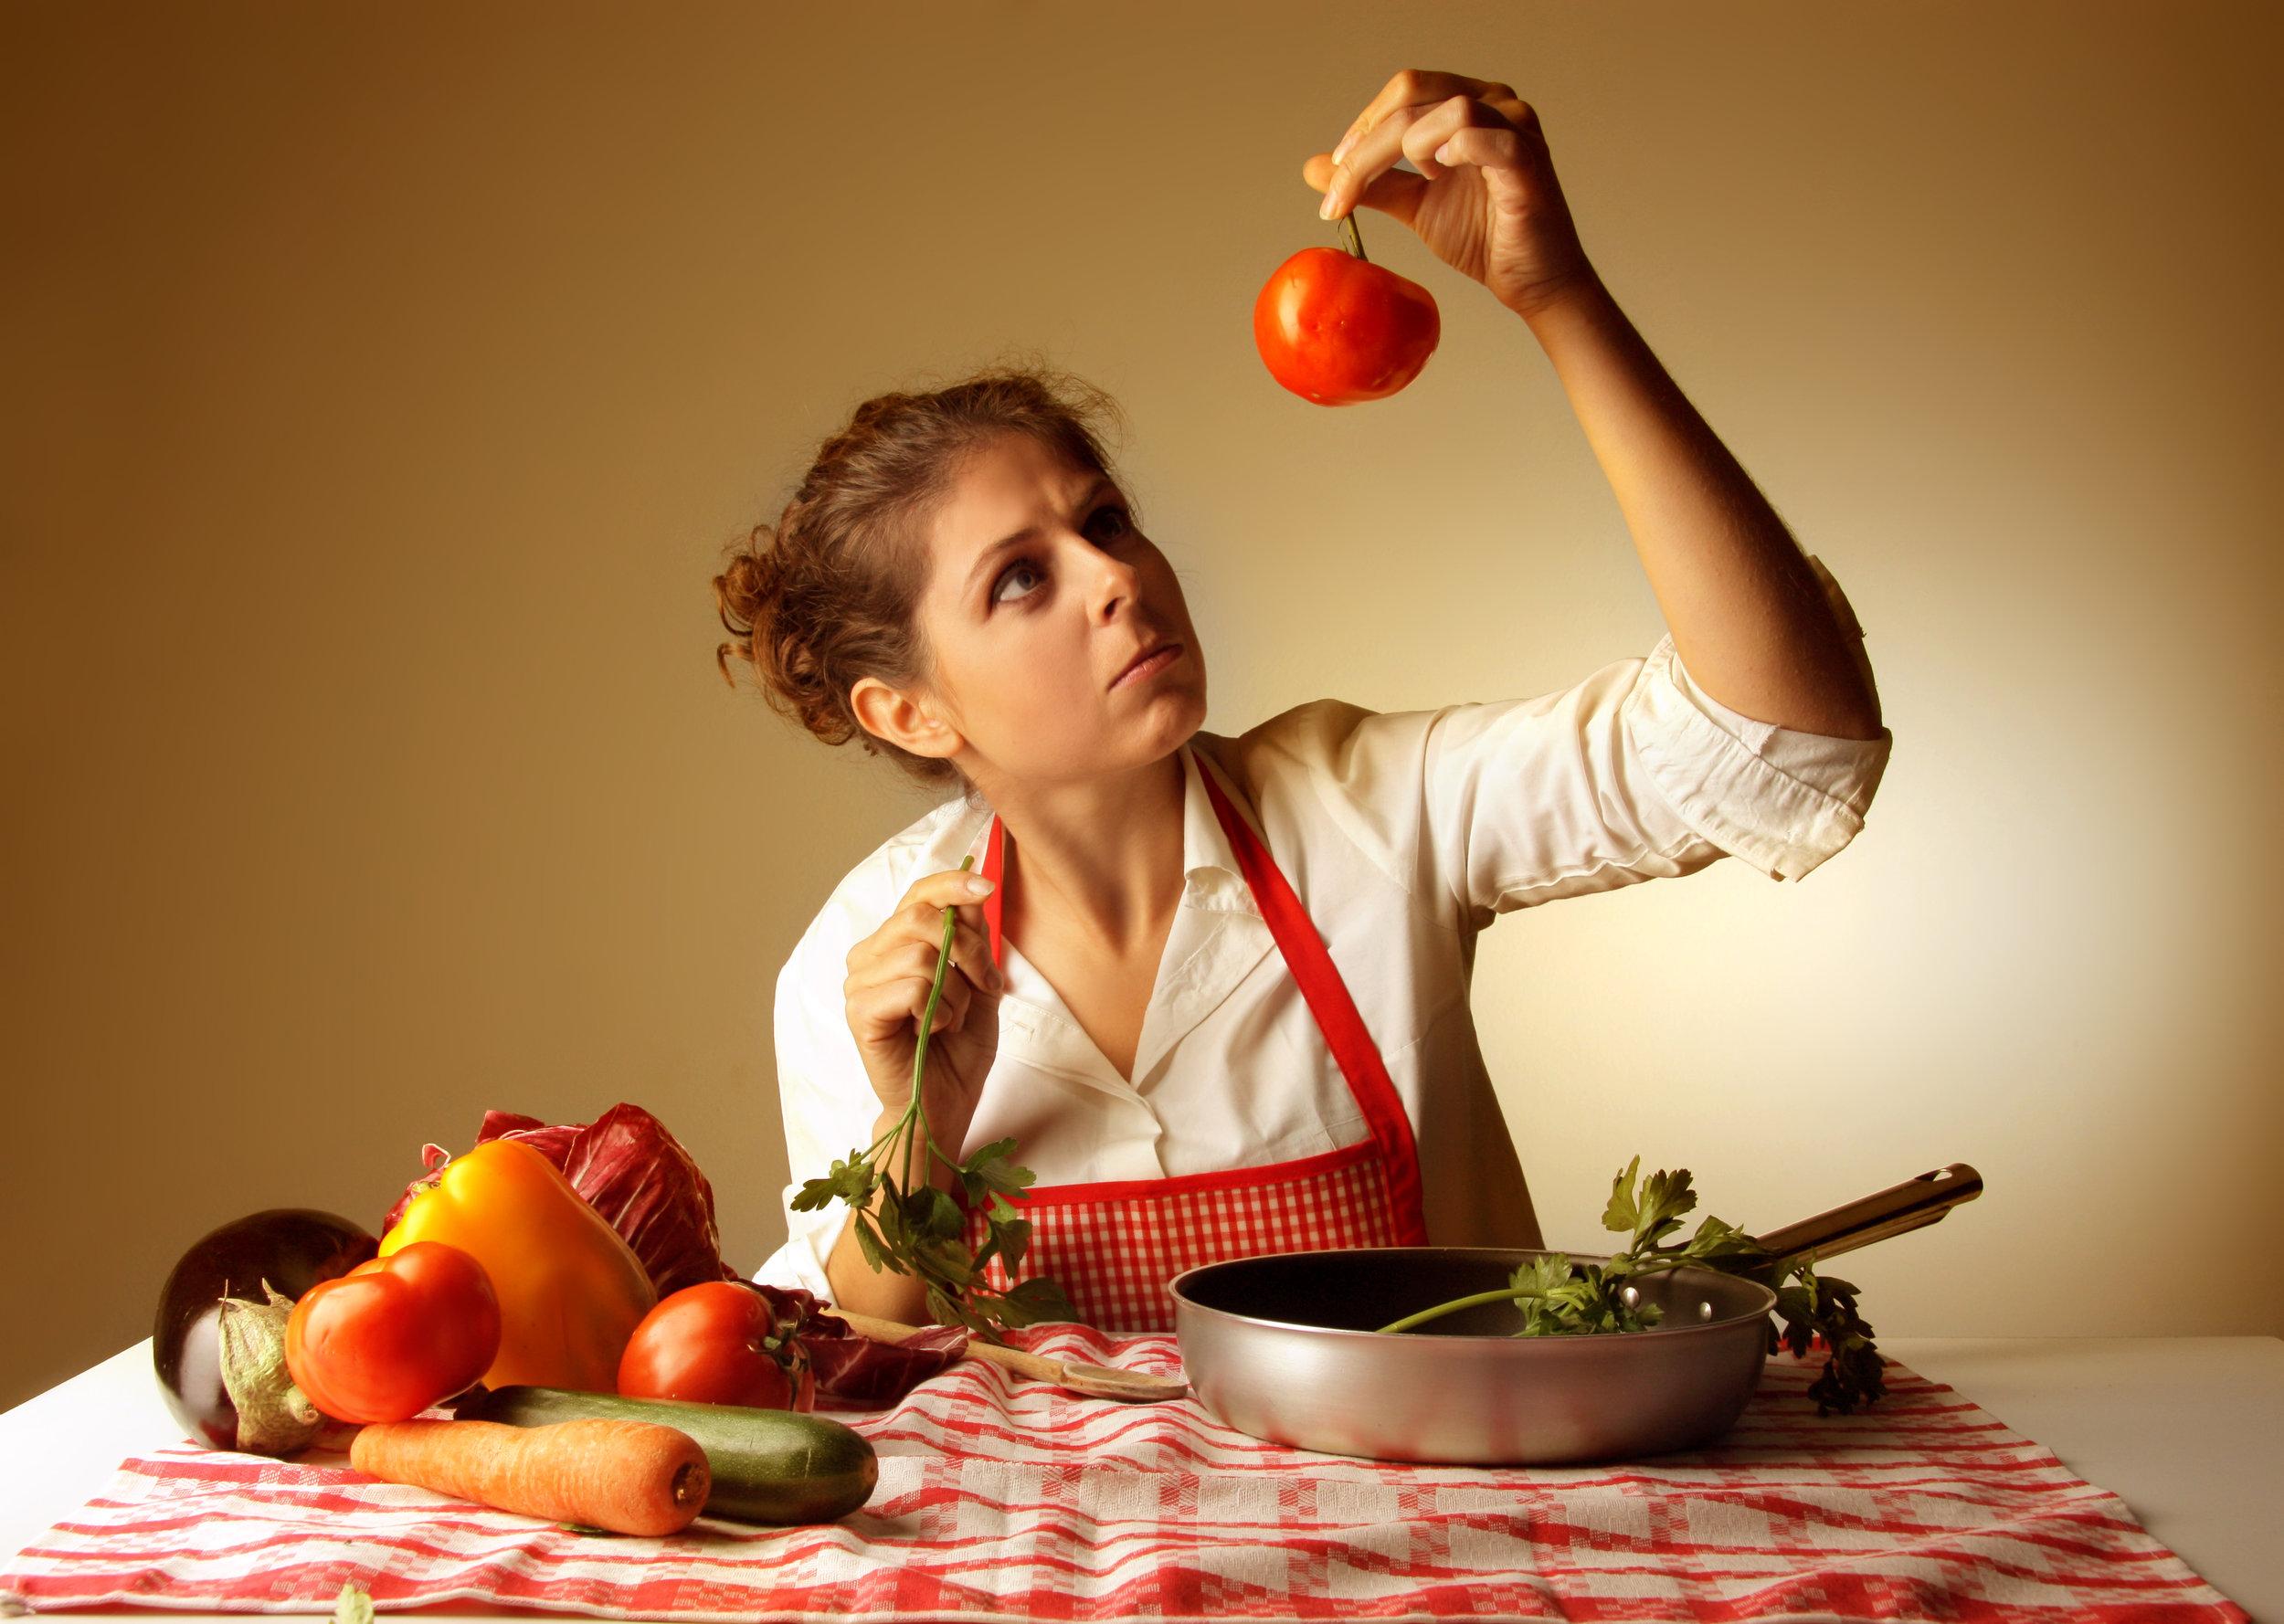 Nutrimentos al cocinar.jpg